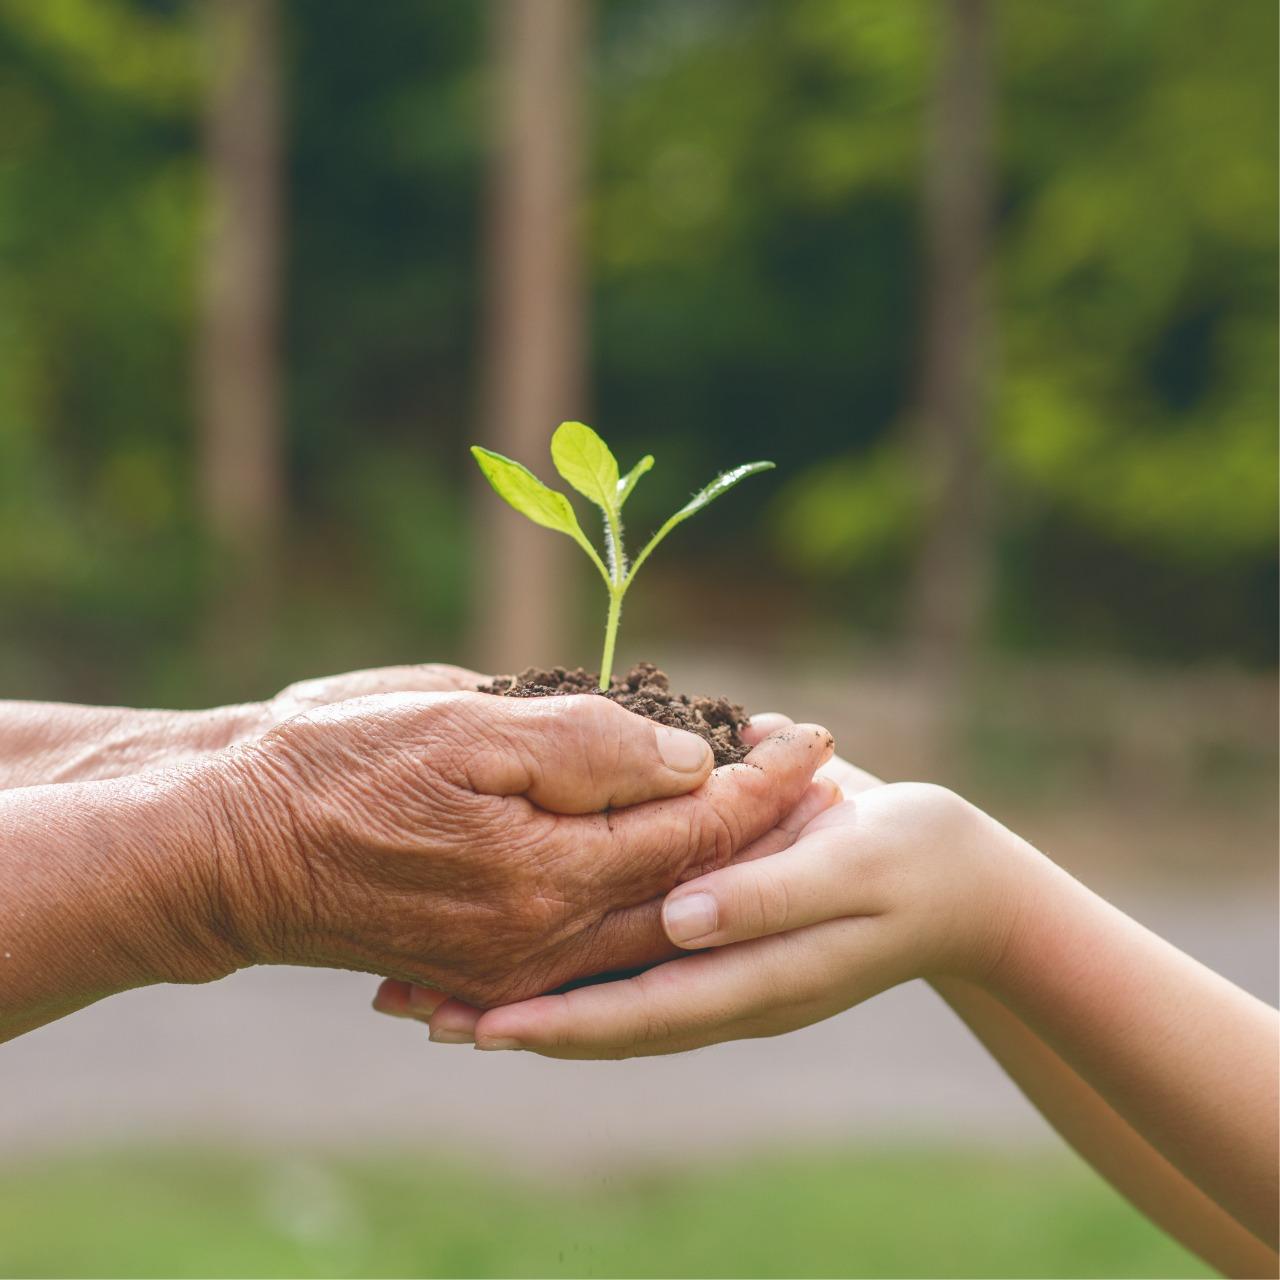 Una fecha para inculcar el cuidado del ambiente como prioridad social